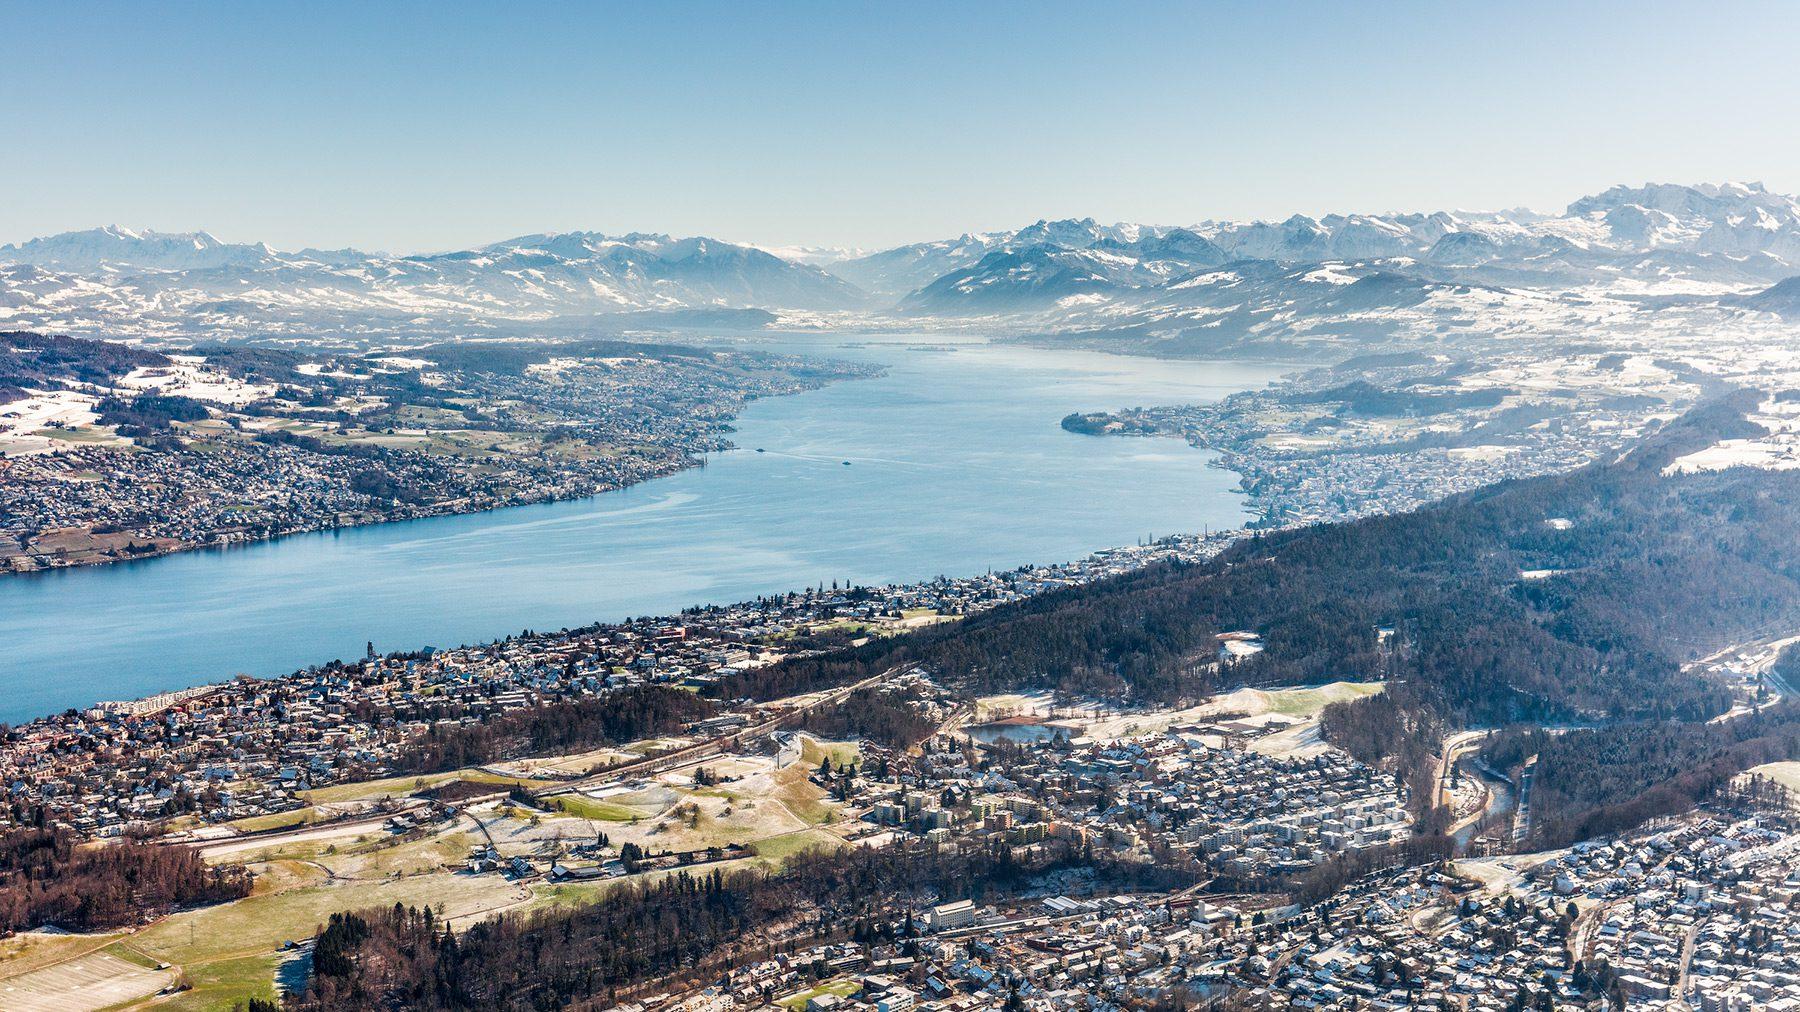 Luftaufnahme Adliswil, Rüschlikon, Zürichsee, Küsnacht, Meilen